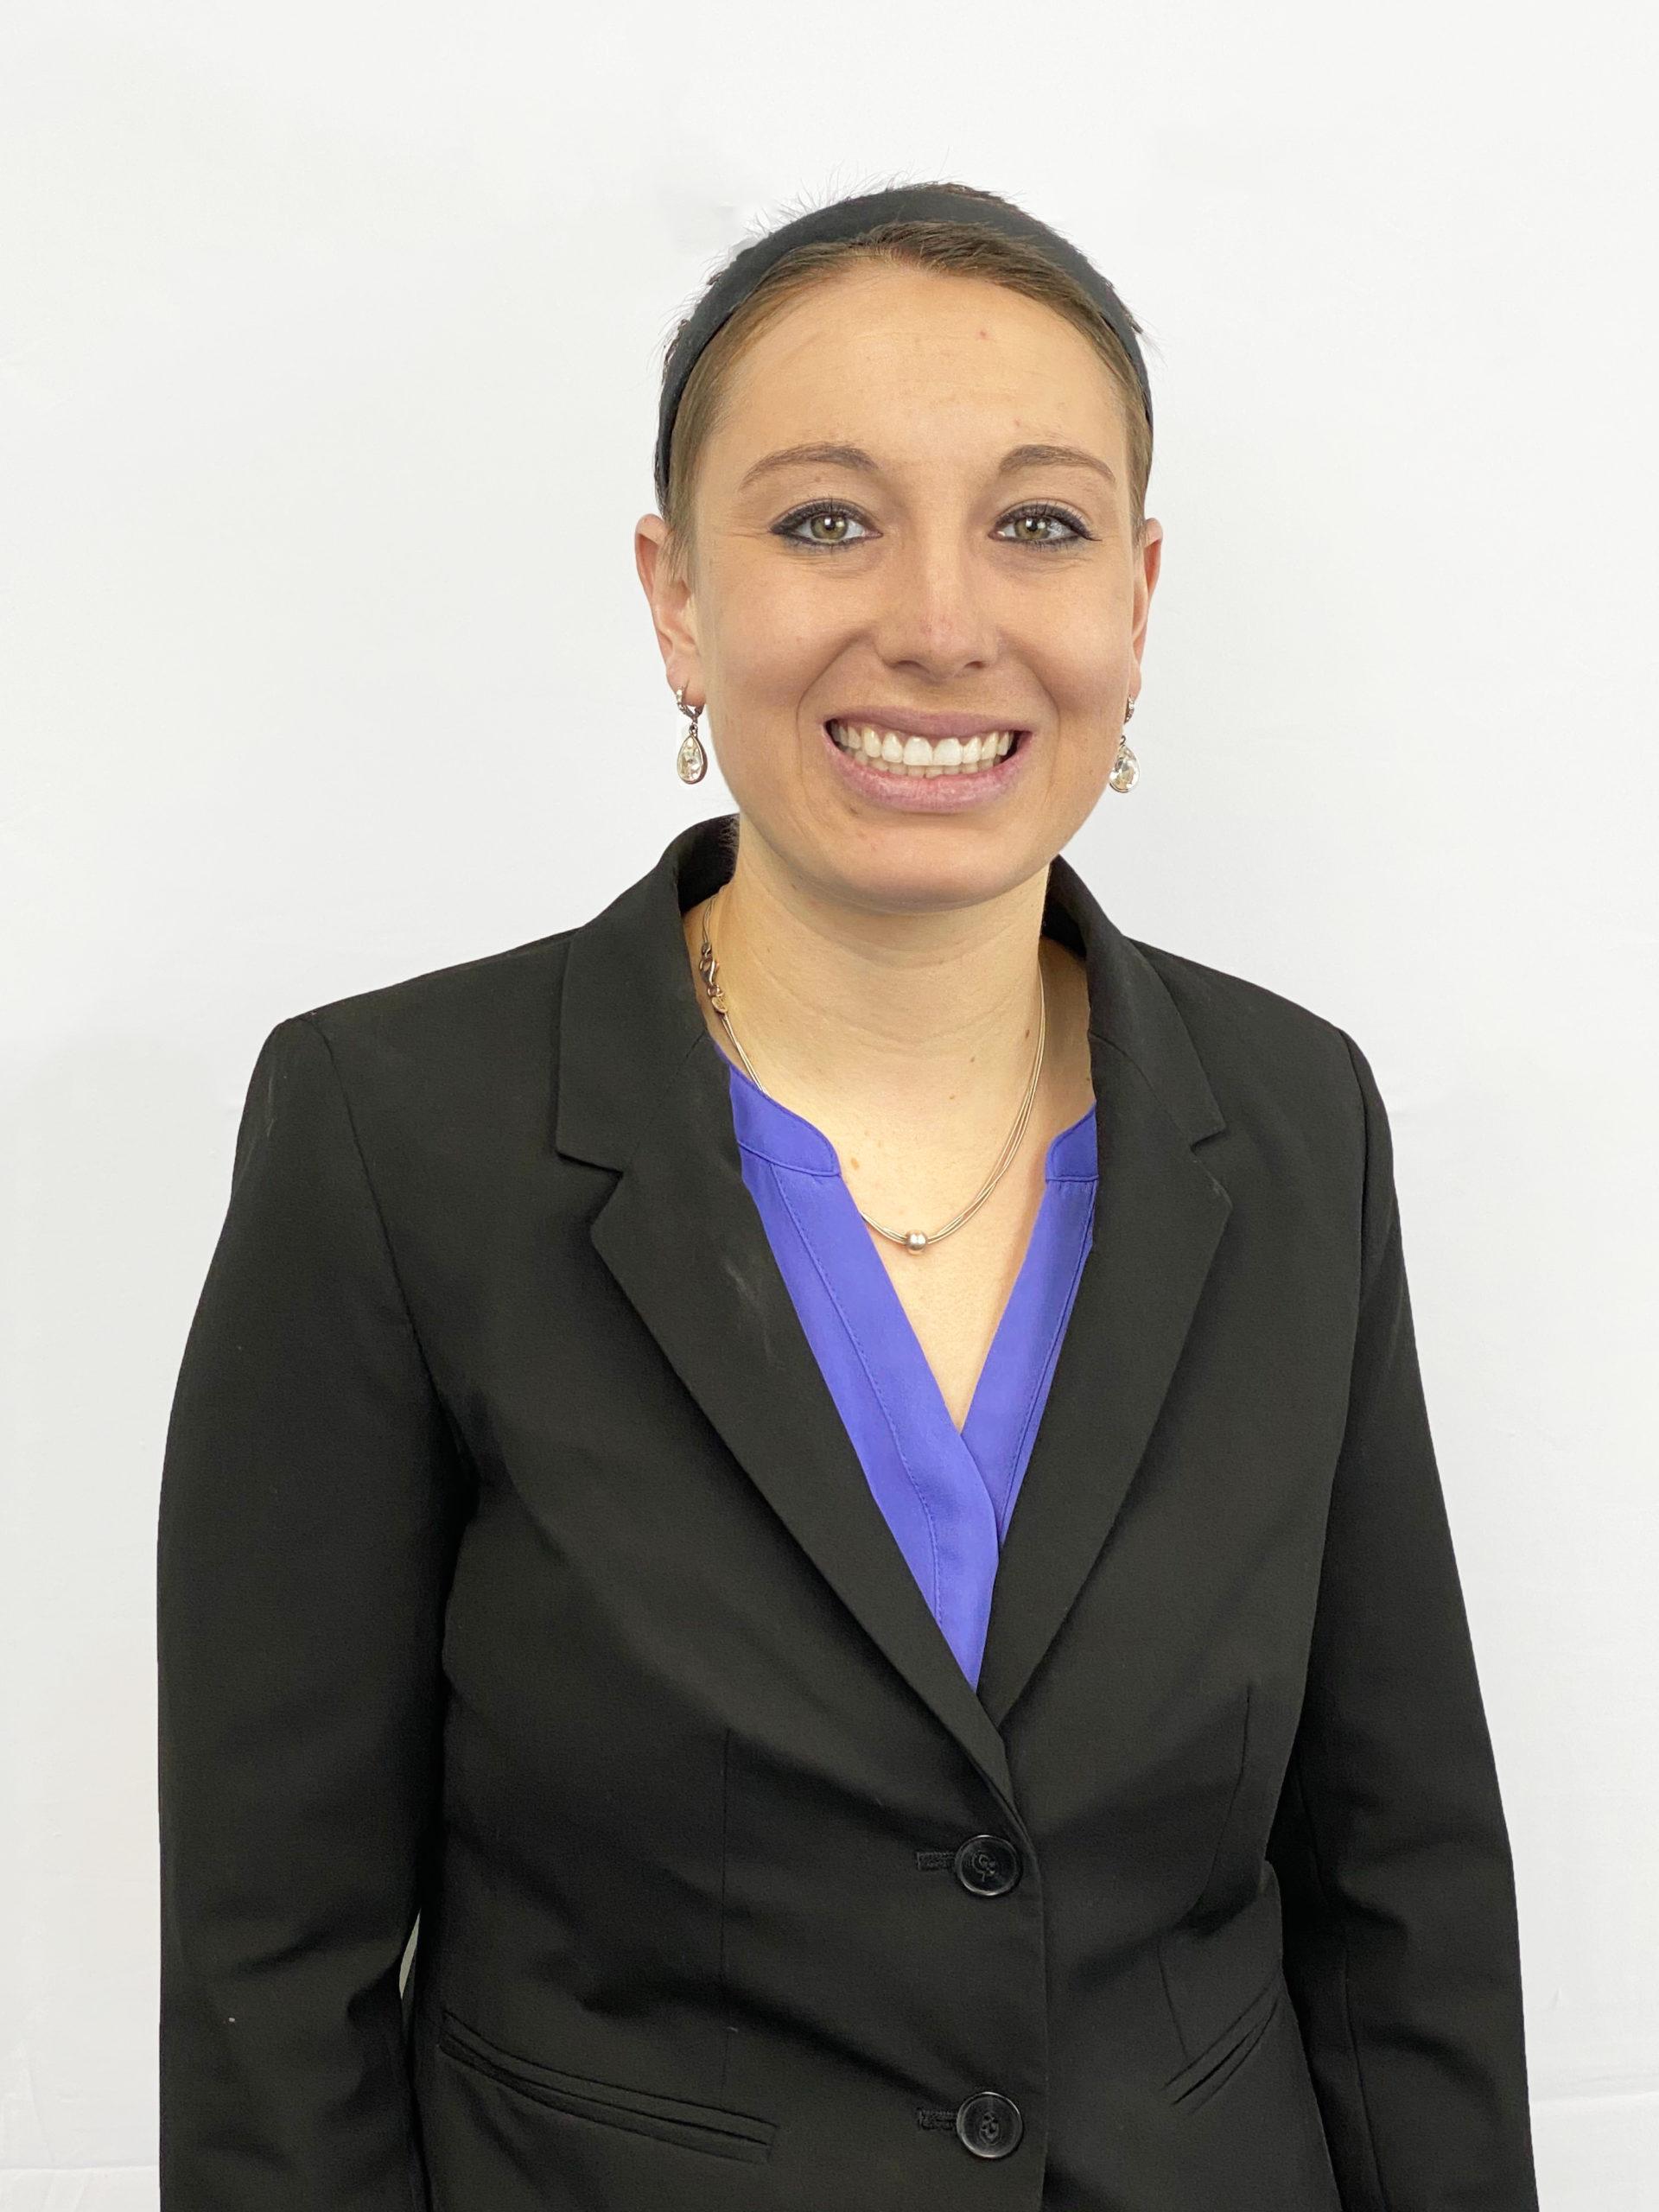 Laura M. Voegeli